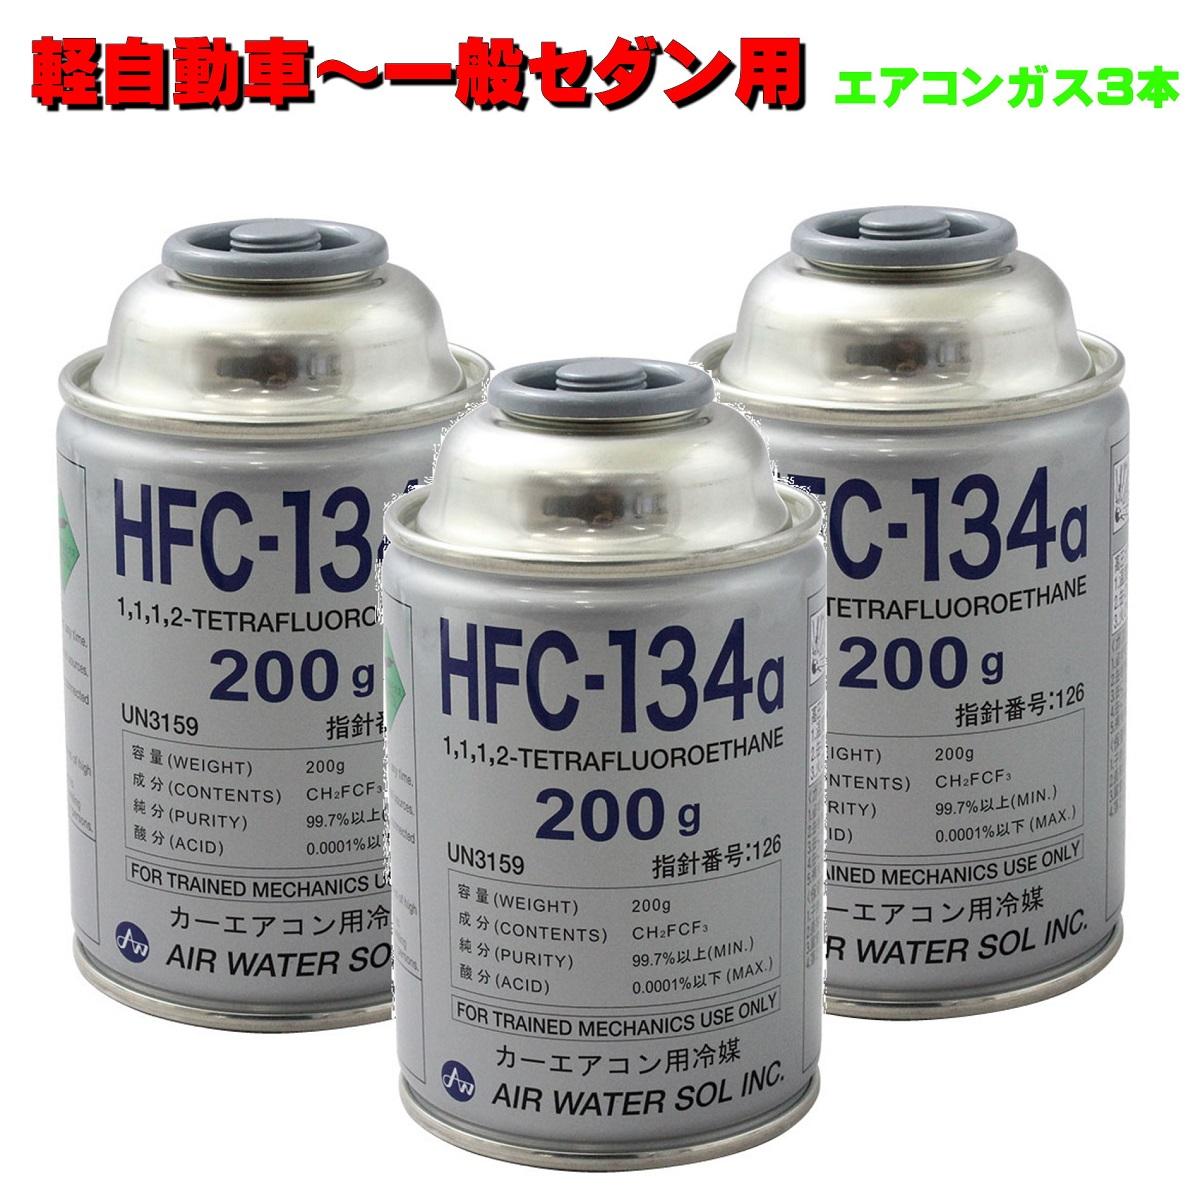 エアコンガス 134a 200g缶 3本セット 日本製 軽自動車~一般セダン用 HFC-134a クーラーガス 激安通販ショッピング エア カー ウォーター あす楽 R134A 超激安